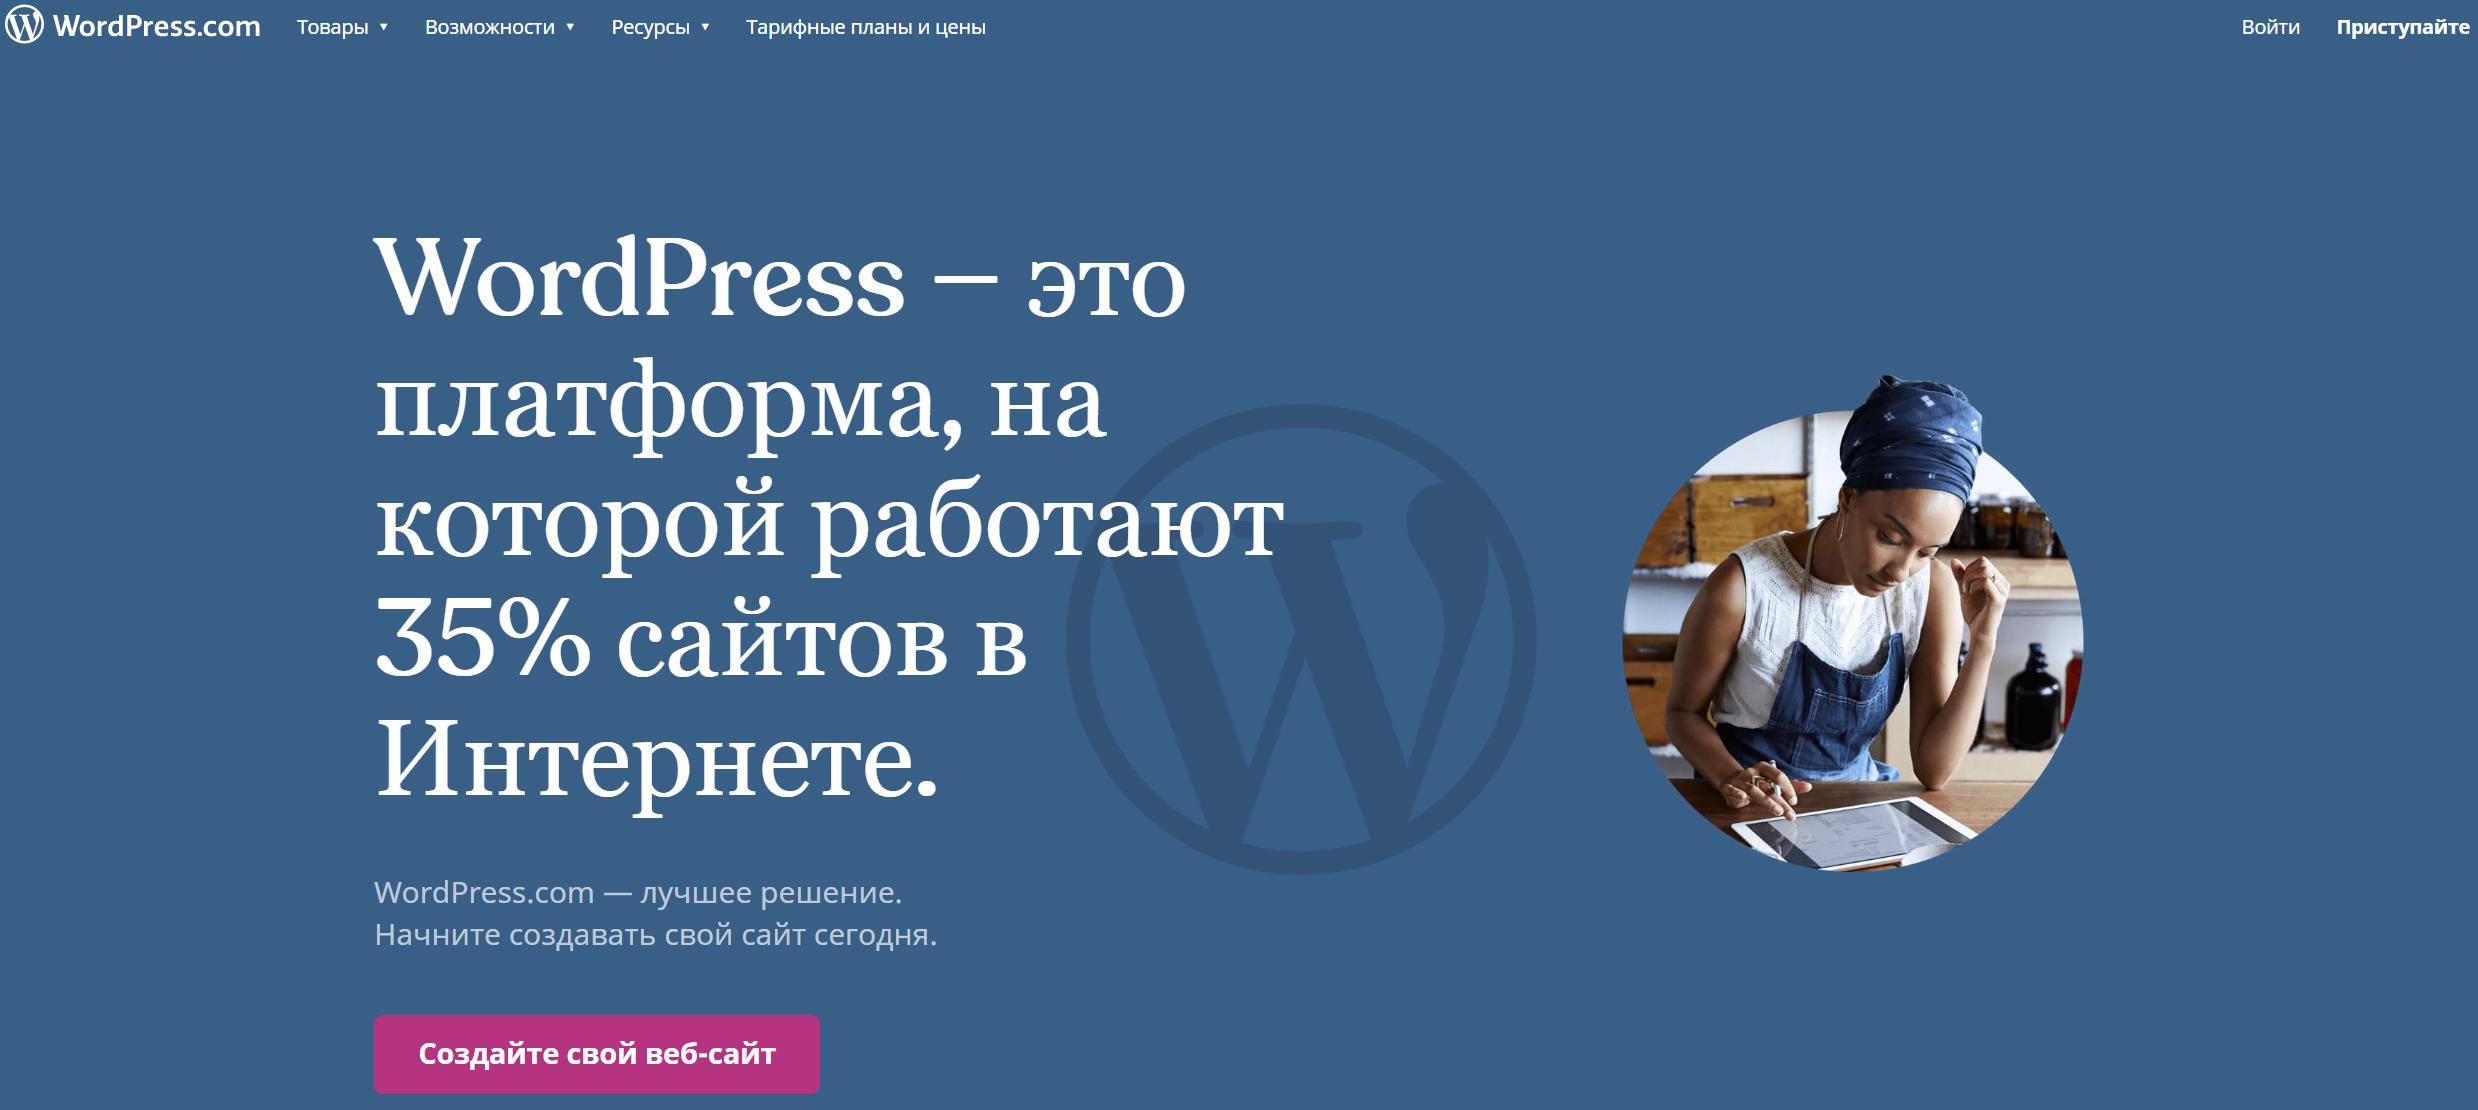 Коротко и начистоту: впечатления от блог-сервиса WordPress.com